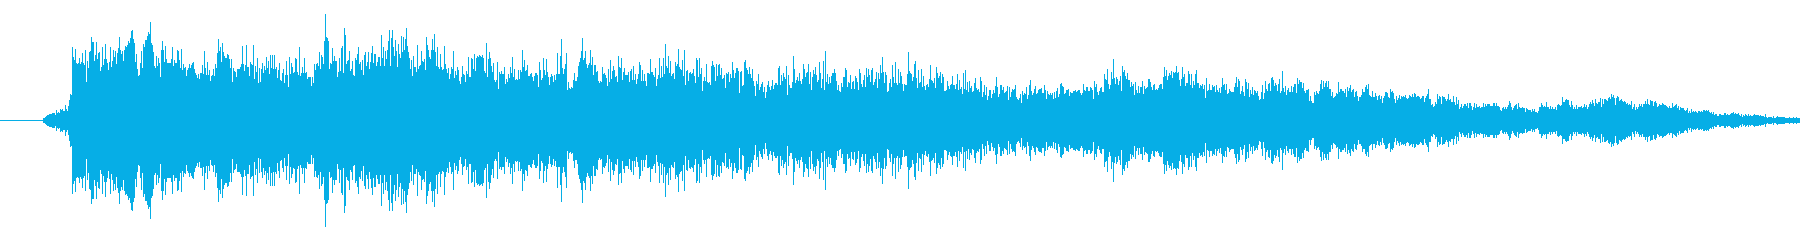 メニュー画面音(ウインドウ開閉など)01の再生済みの波形